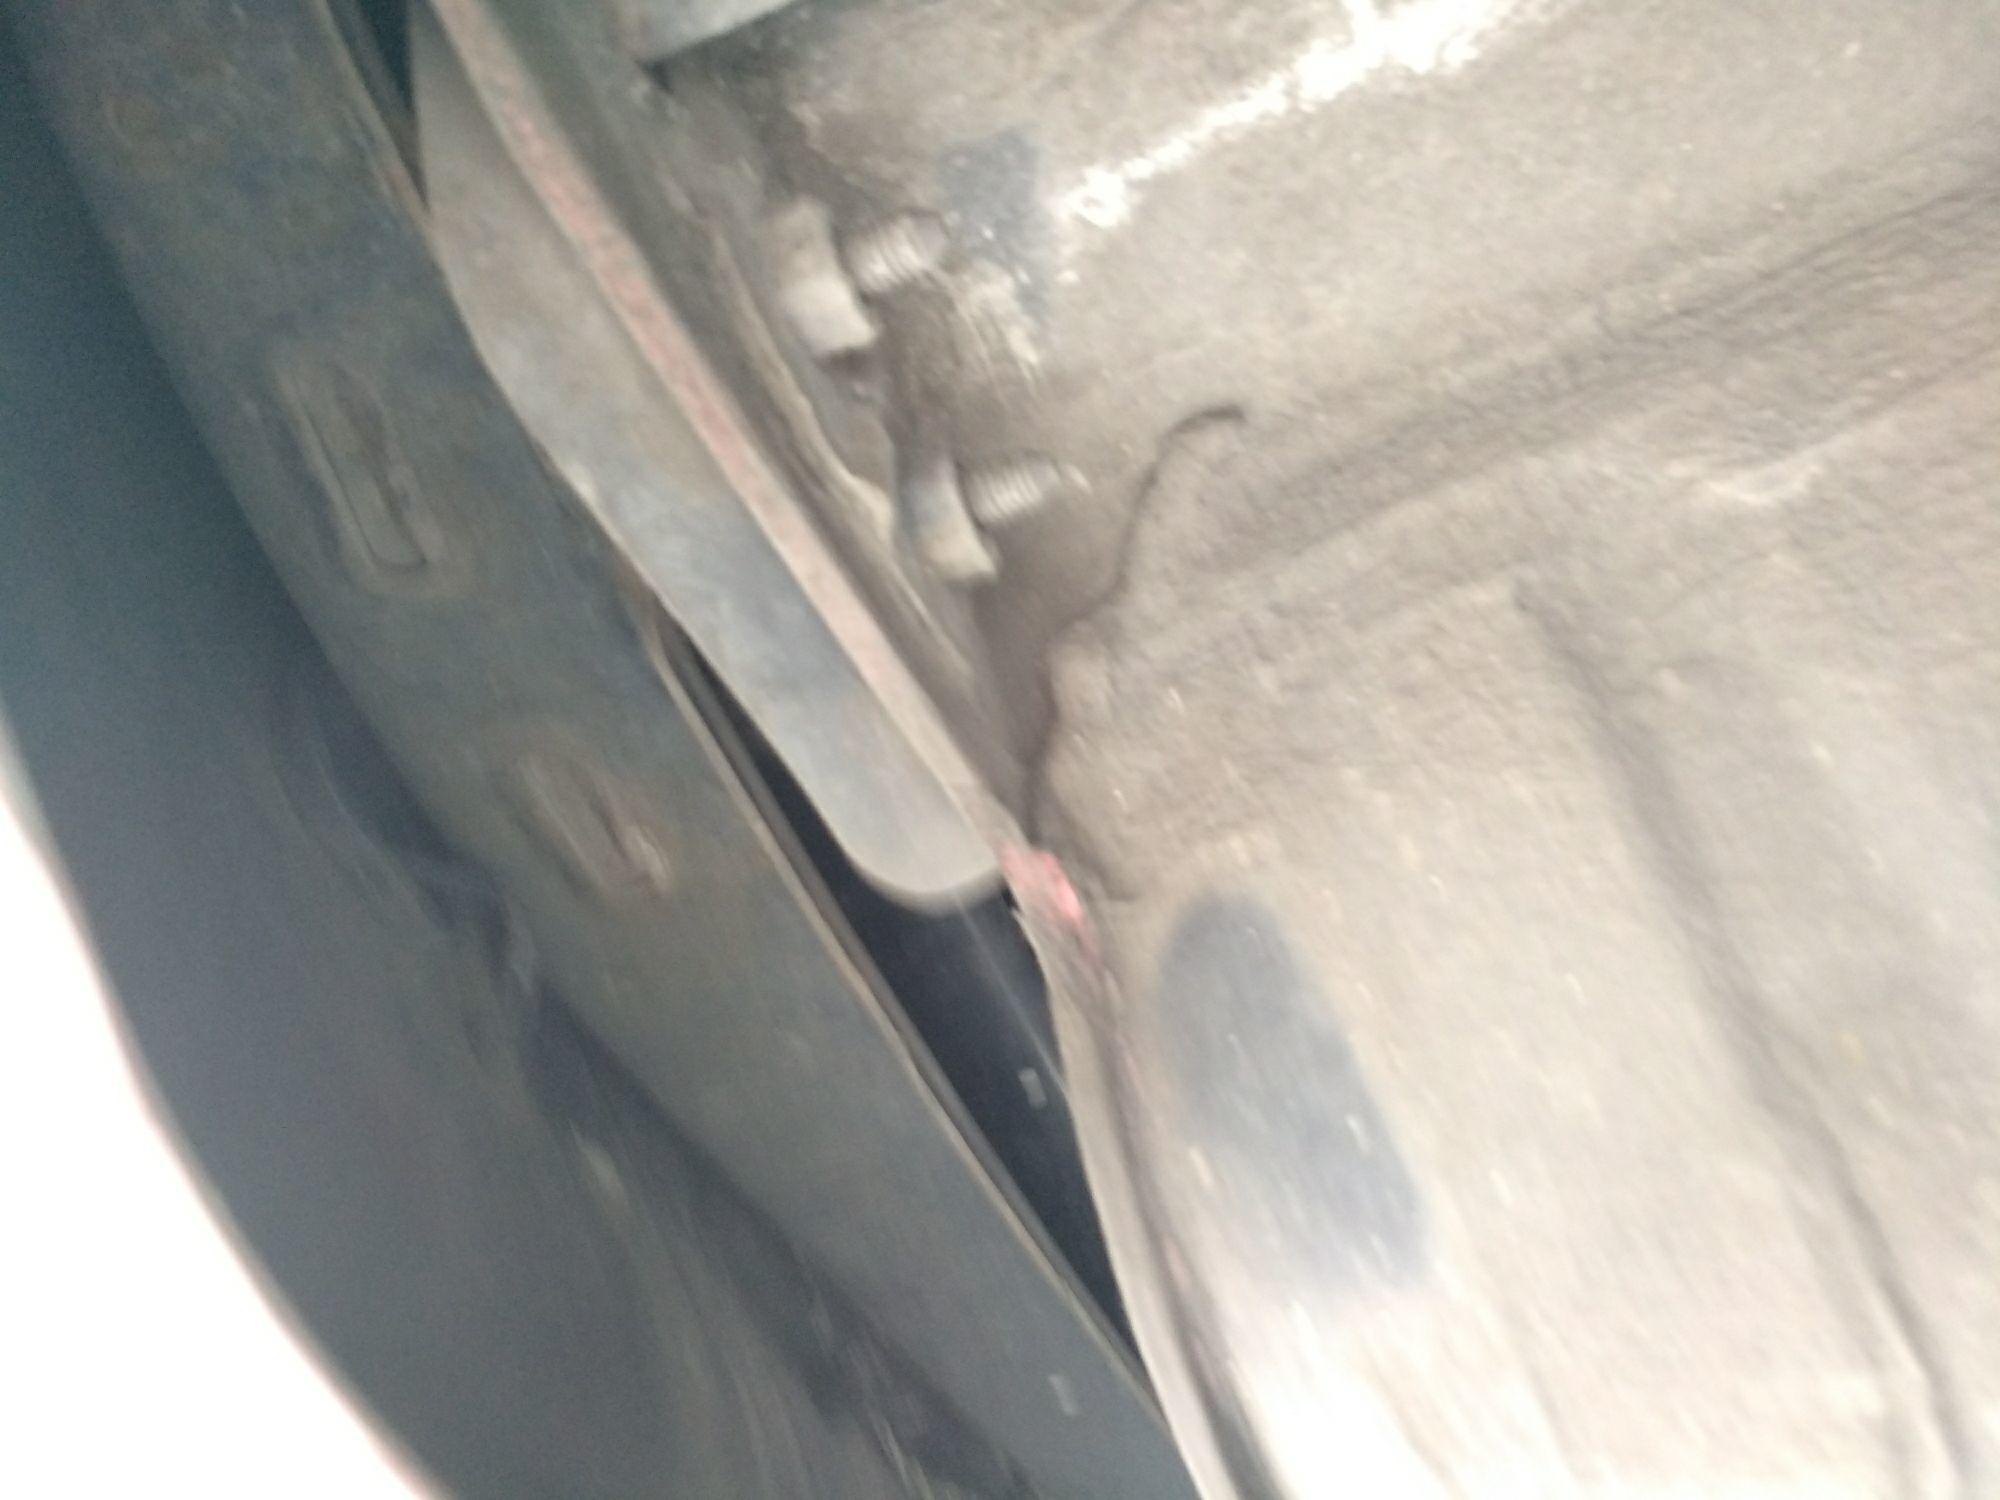 东莞二手标致标致307 > 标致307 2012  车尾轻微的碰撞会导致防撞梁